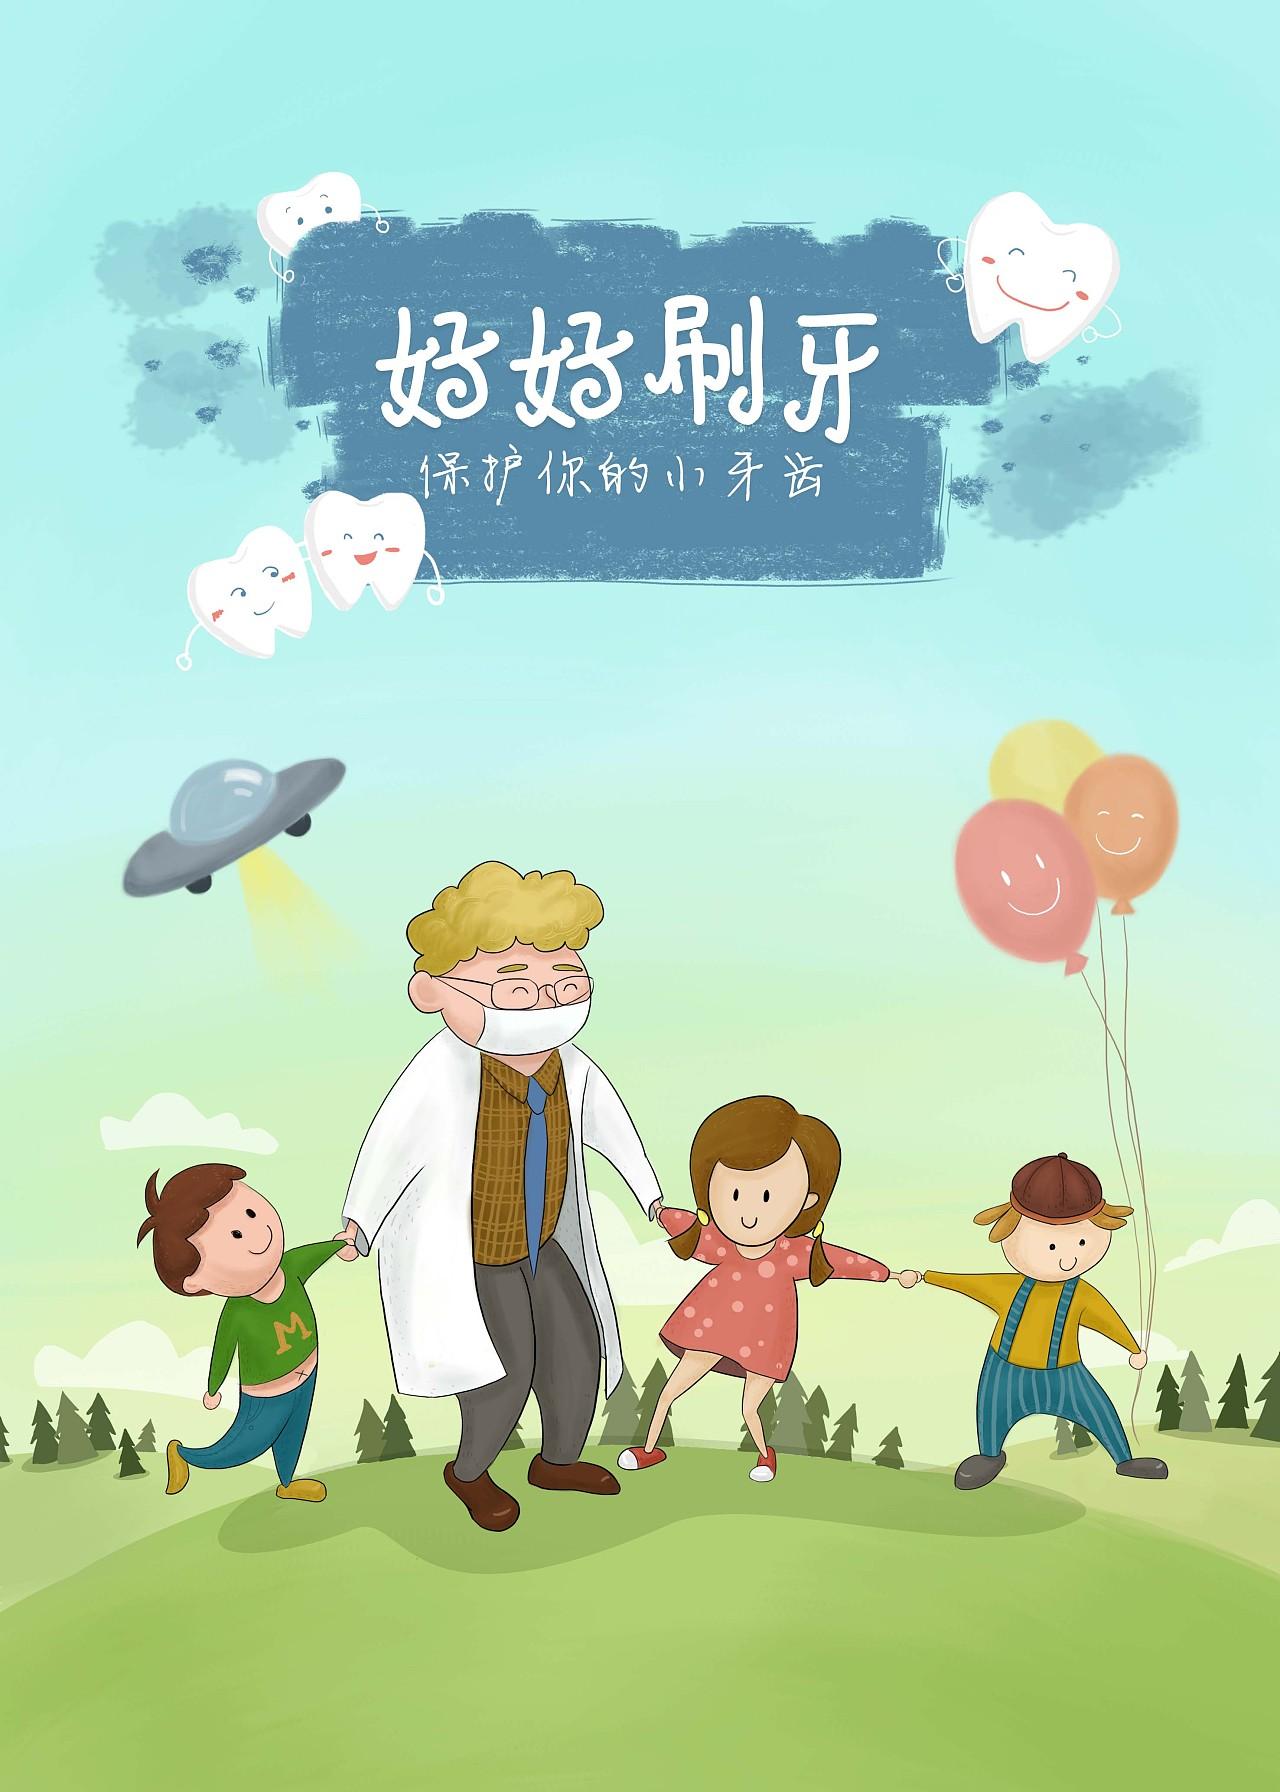 卡通刷牙手绘小海报 插画 儿童插画 sherry_liiiu